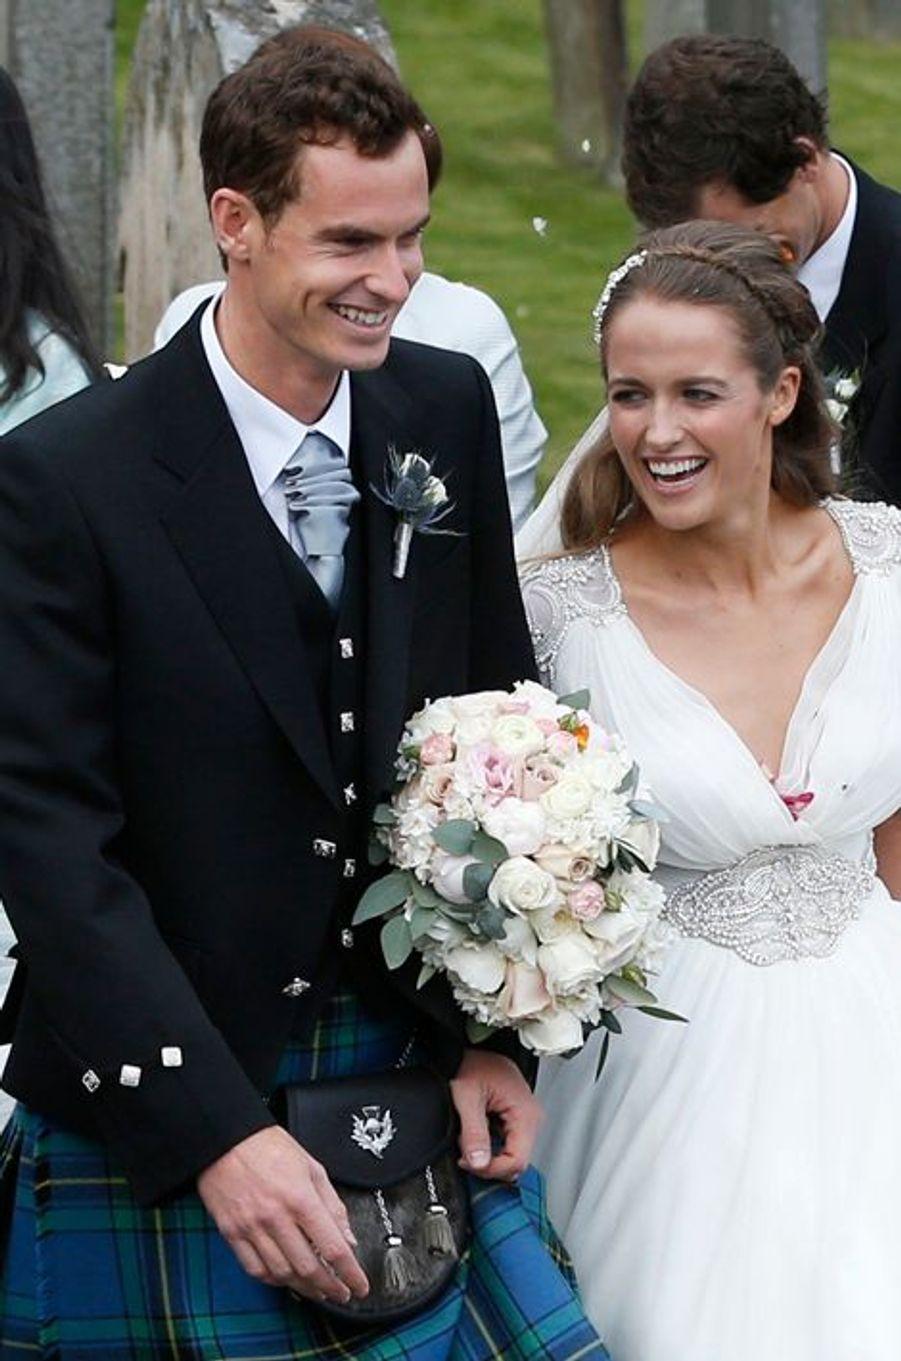 Le tennisman Andy Murray et sa femme Kim Sears attendent leur premier enfant, prévu pour le mois de février.